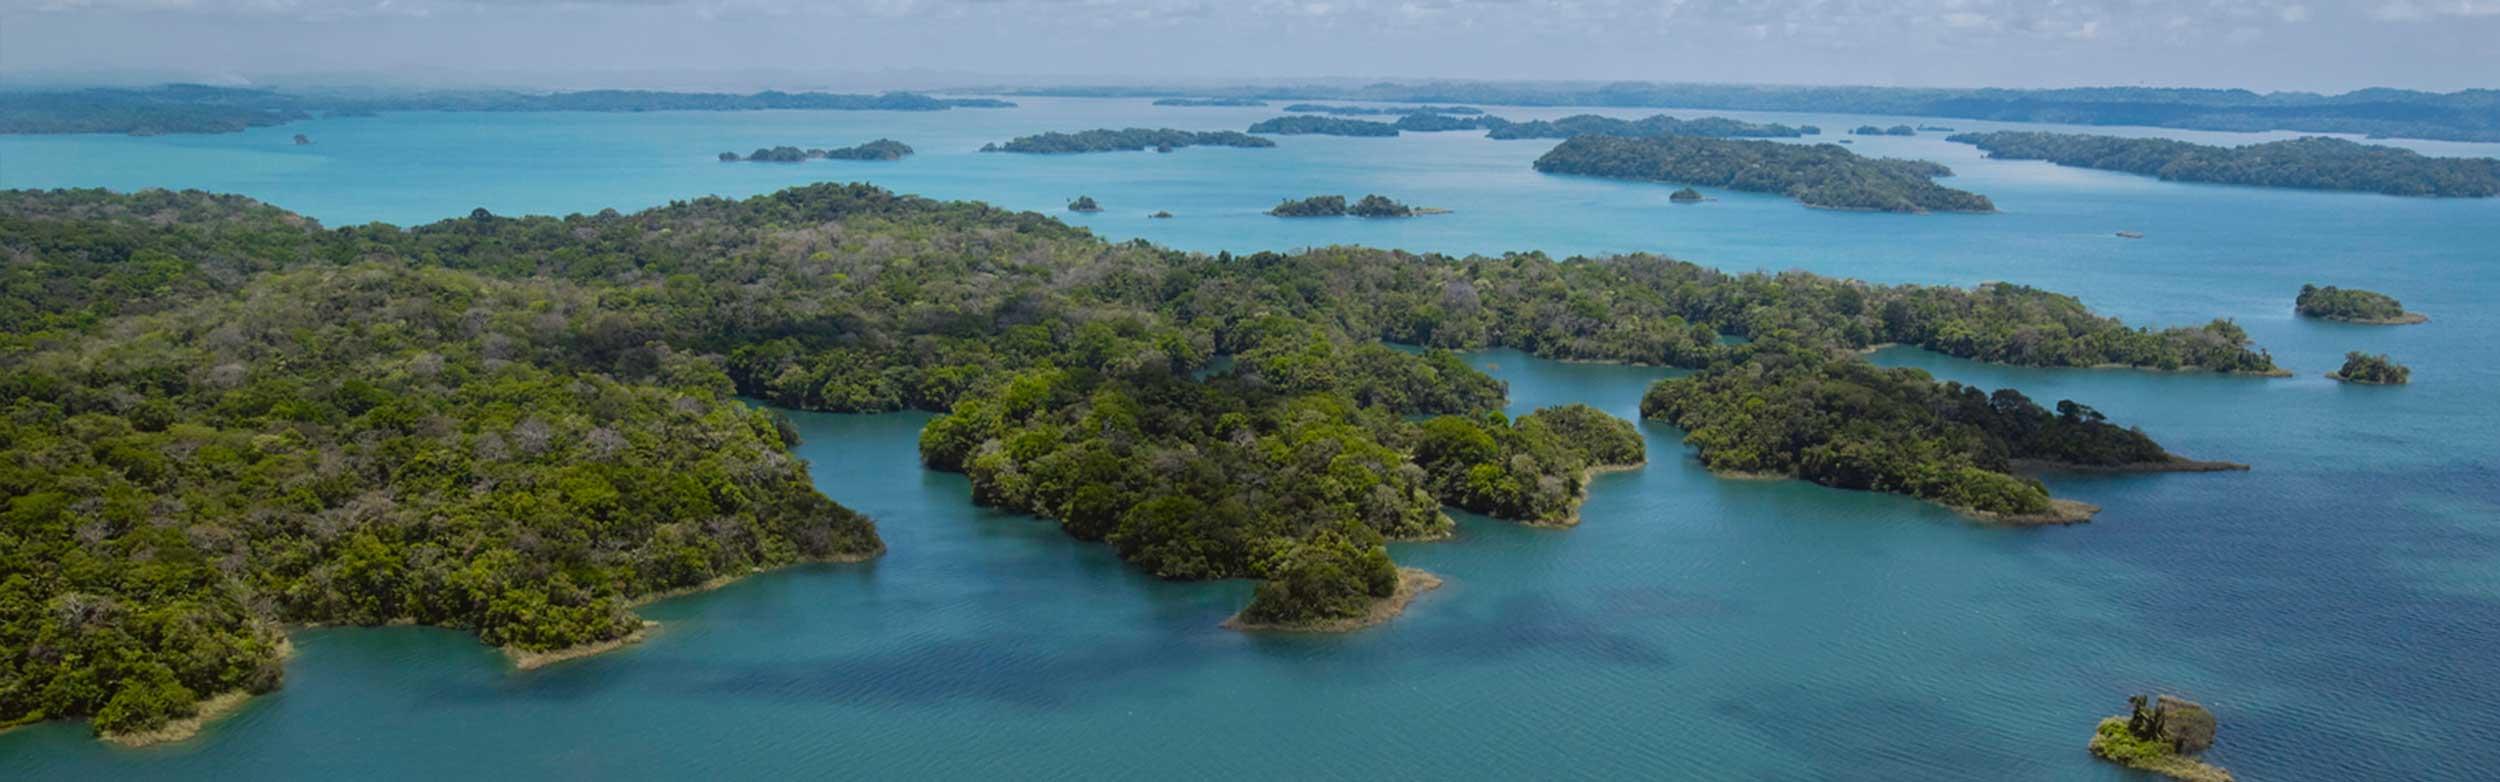 Birding Achiote Road: Atlantic Side of Panama